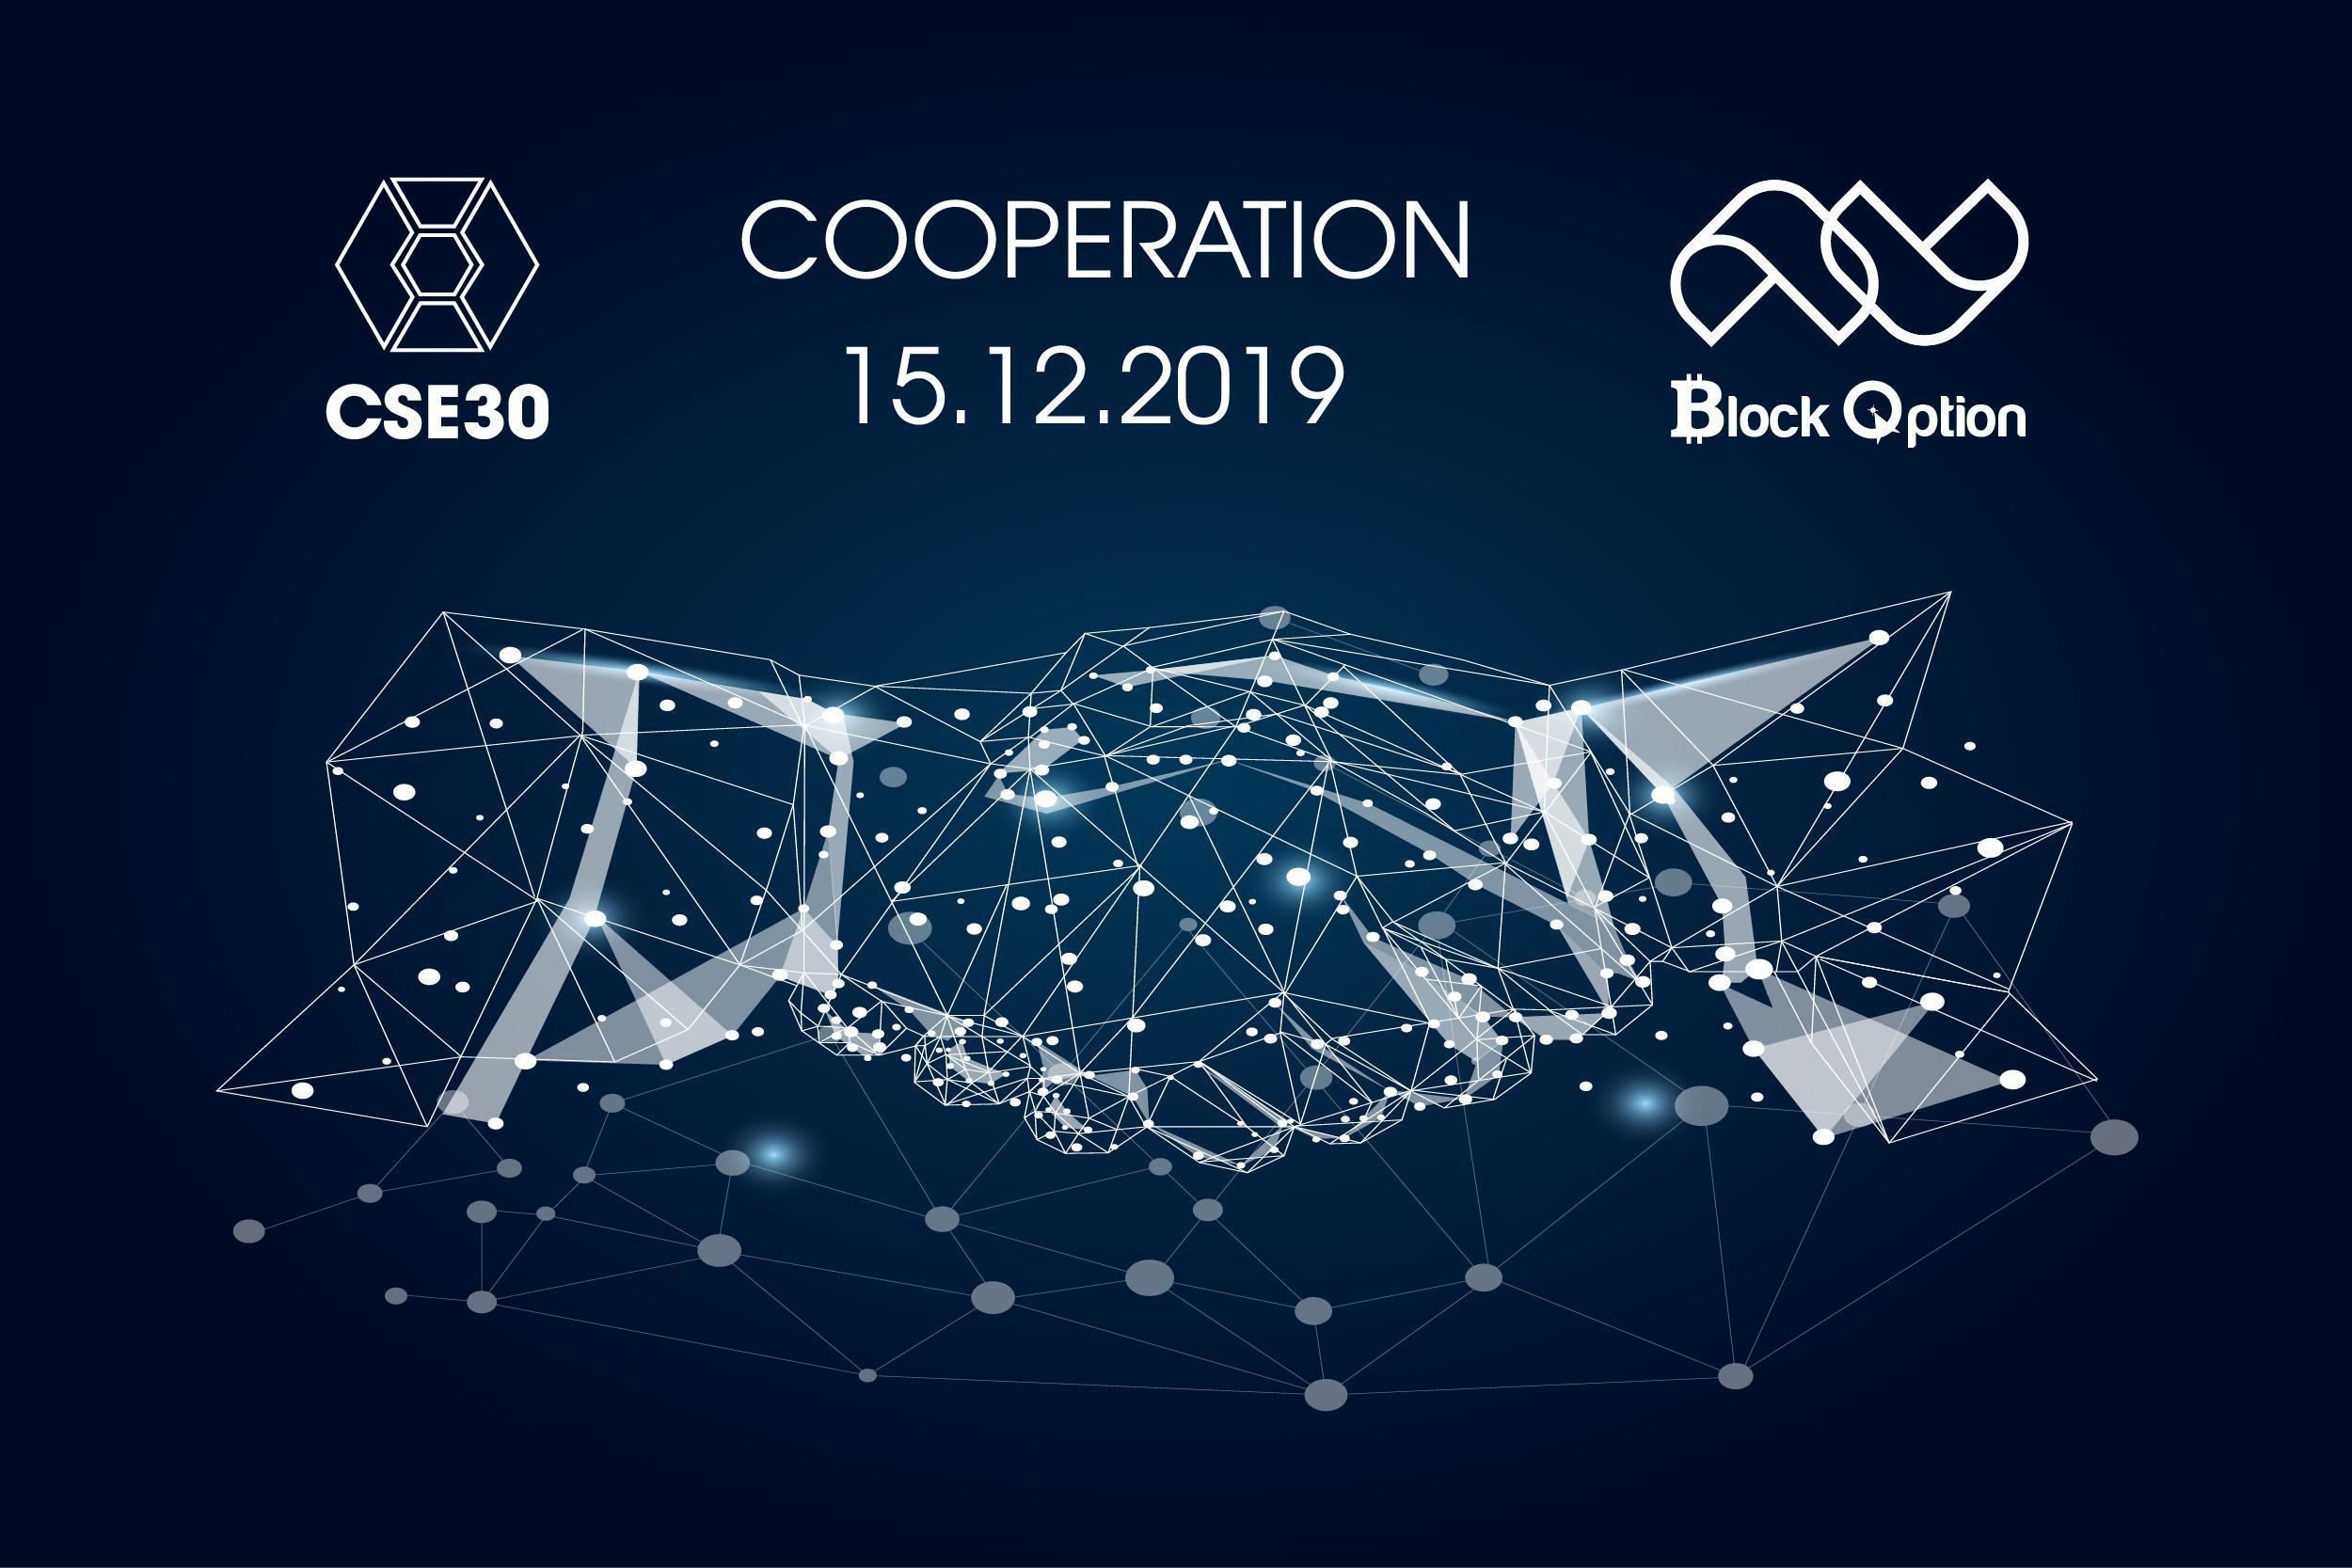 Block Option và CSE bắt tay nhau tích hợp hạ tầng công nghệ và cộng hưởng hệ sinh thái